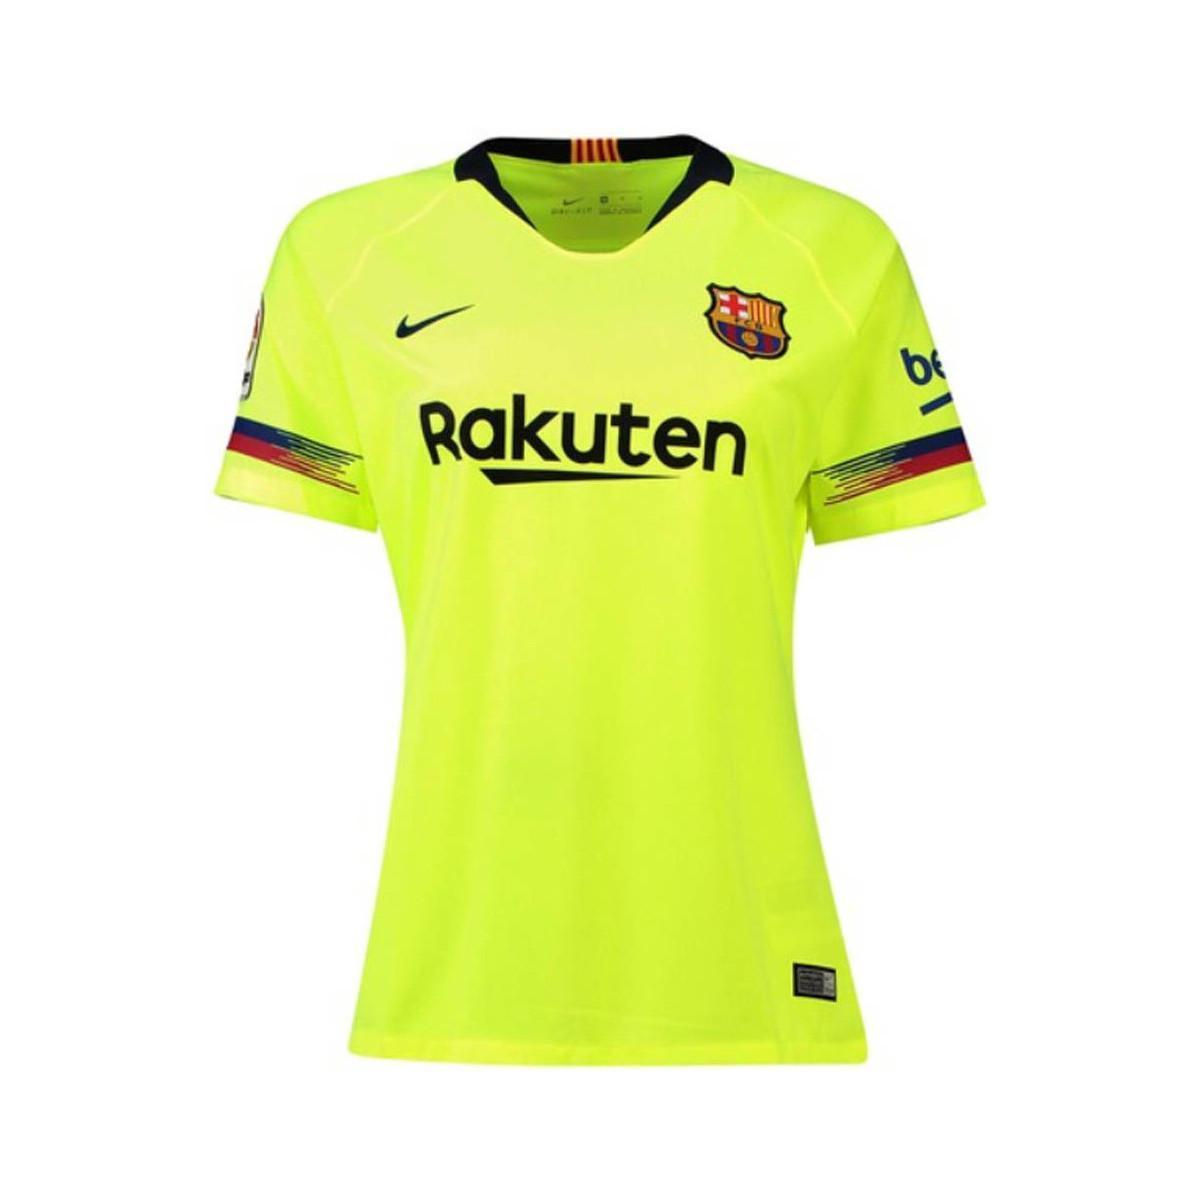 7ba38c6b9 Nike 2018-2019 Barcelona Away Ladies Shirt Men s T Shirt In Yellow ...